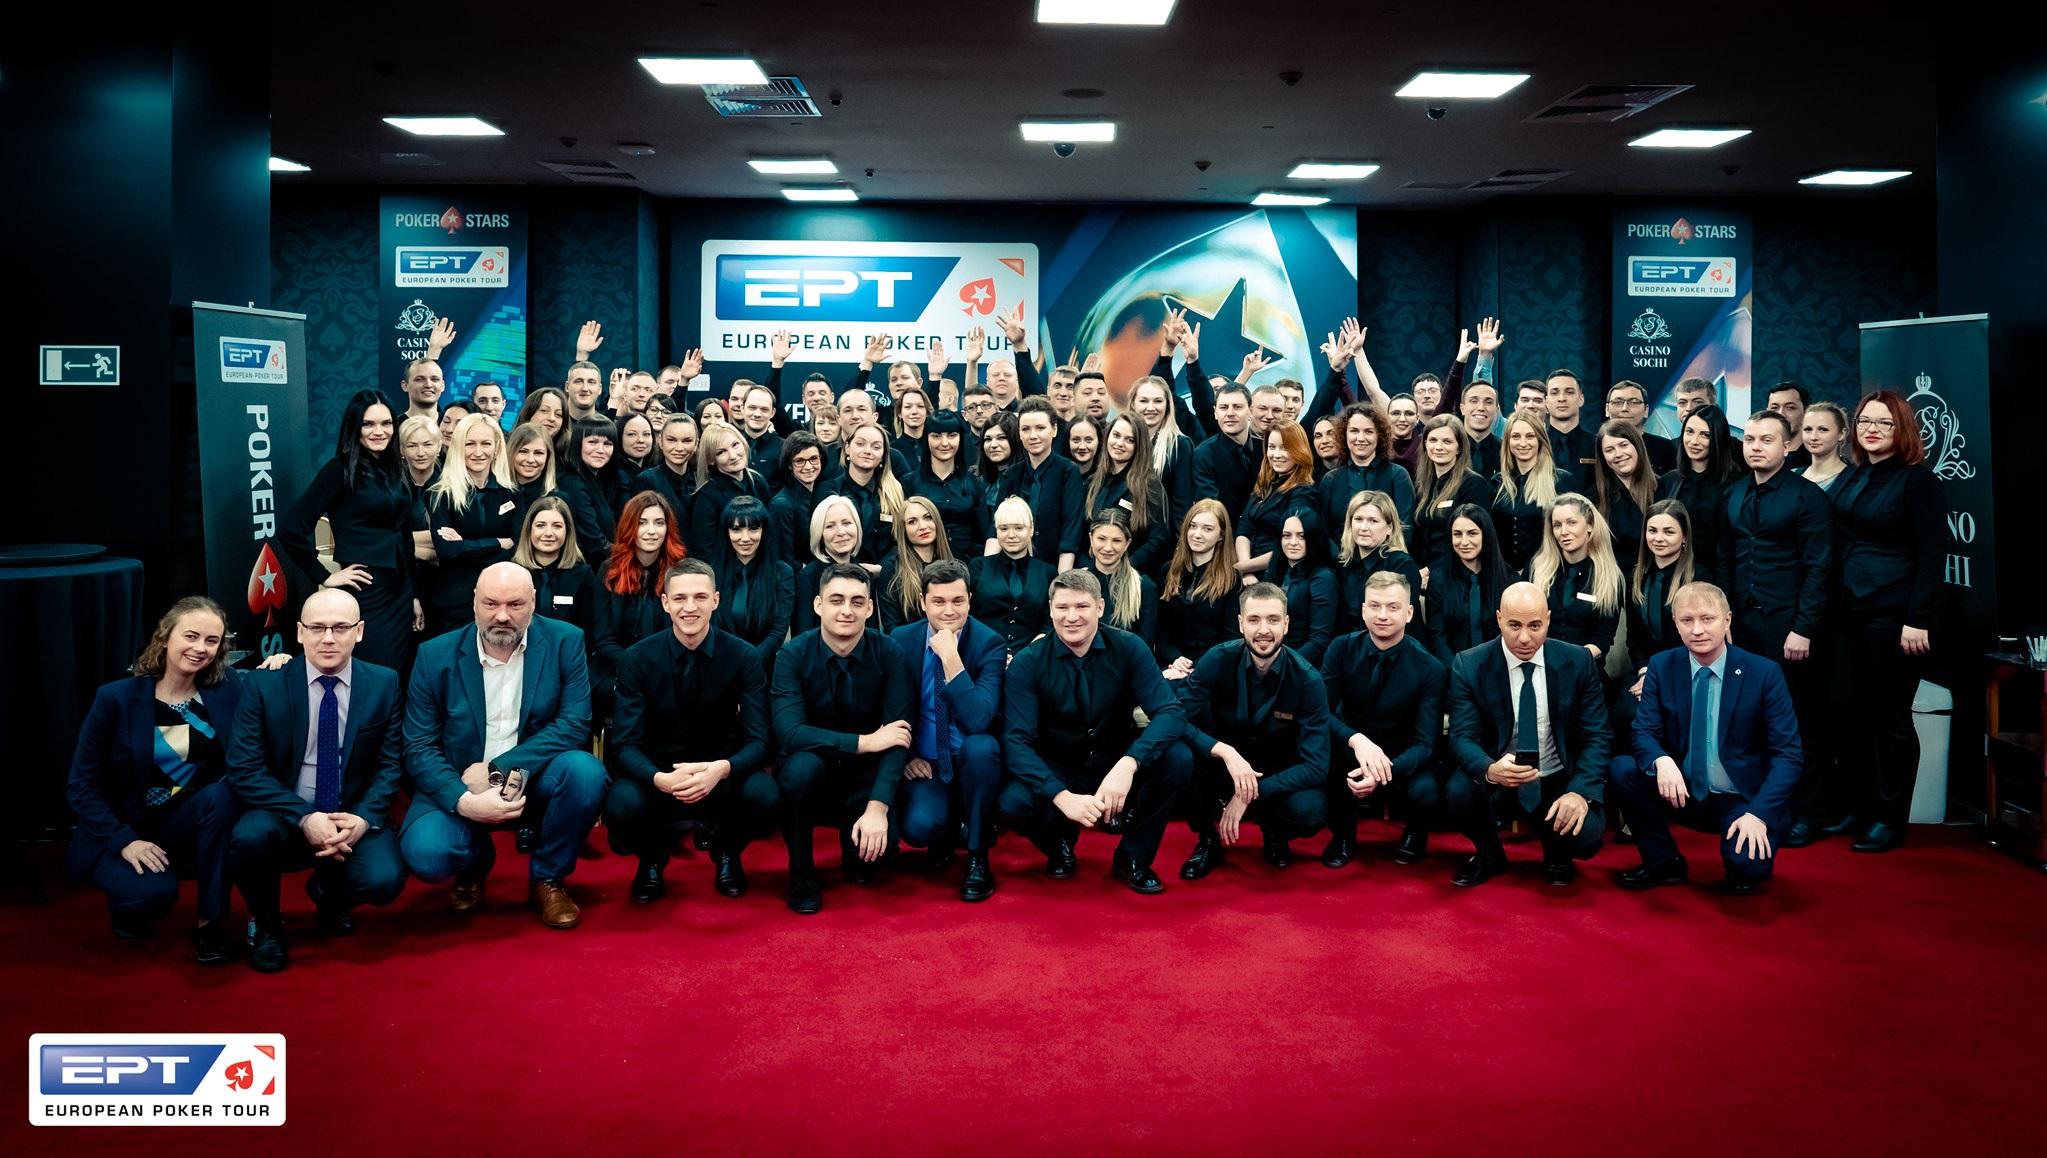 С 4 по 13 октября Казино Сочи будет принимать в своих стенах участников очередного этапа European Poker Tour Open